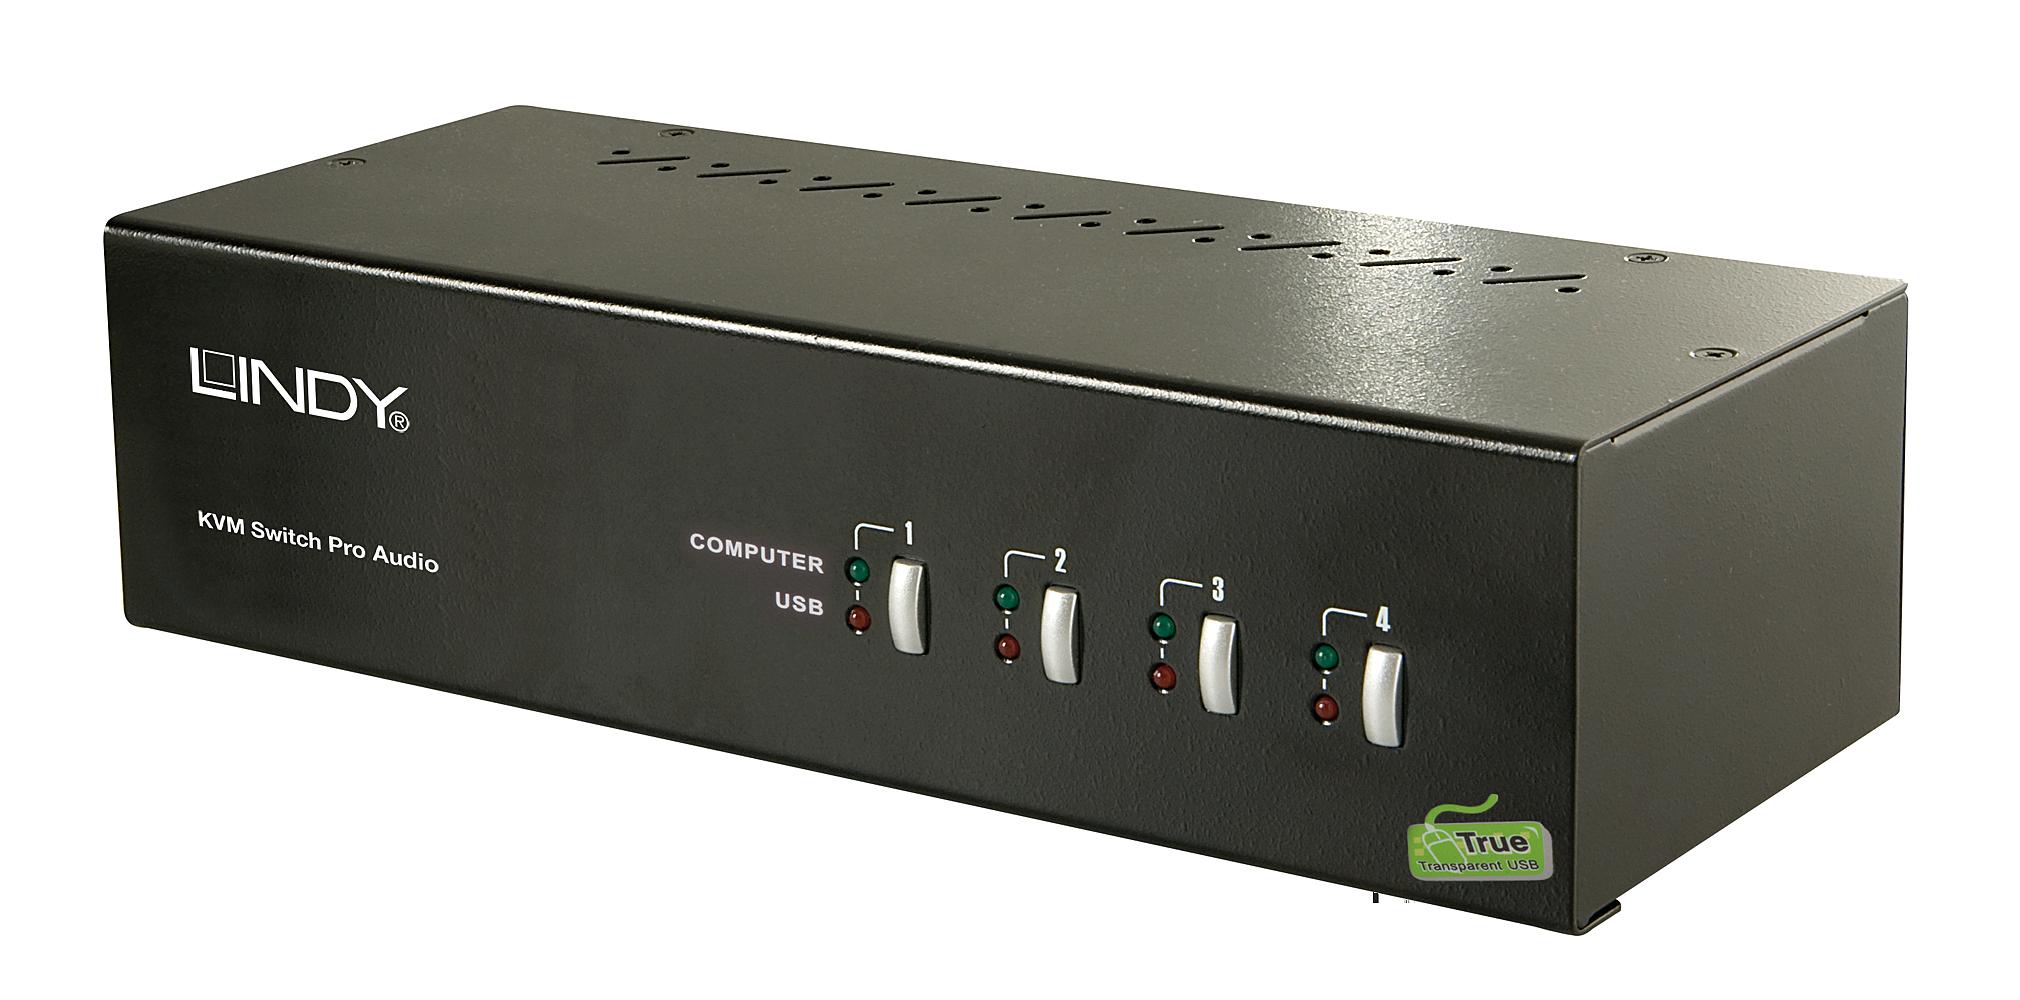 4 Port DVI Dual Link & Dual Head KVM Switch Pro Audio USB 2.0 - DVI bis 2560x1600